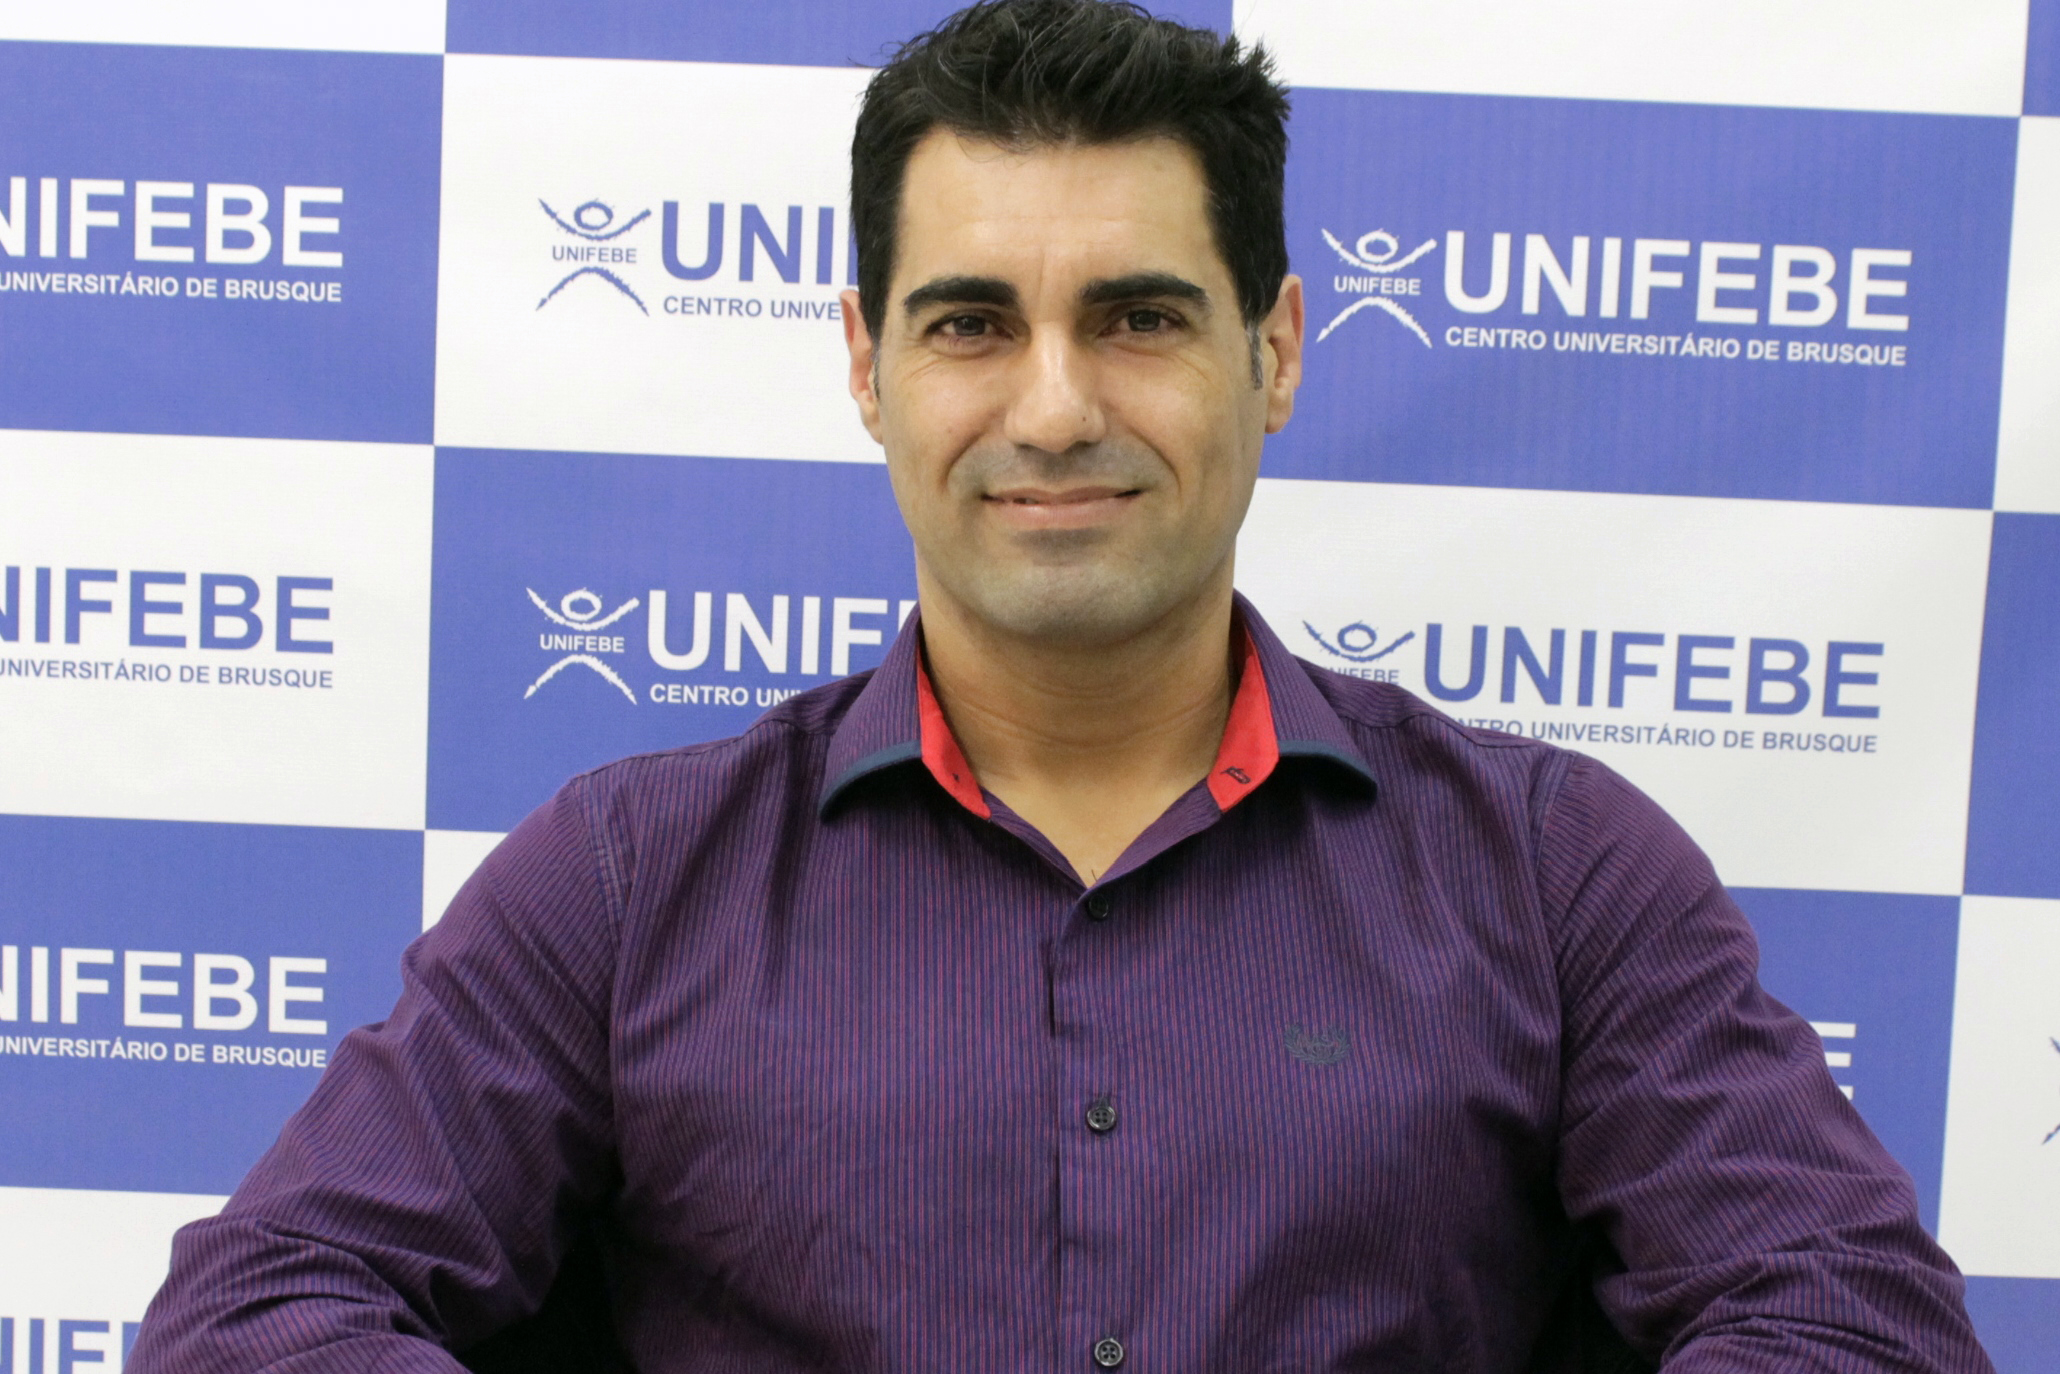 UNIFEBE lança Instituto de Pesquisas Sociais